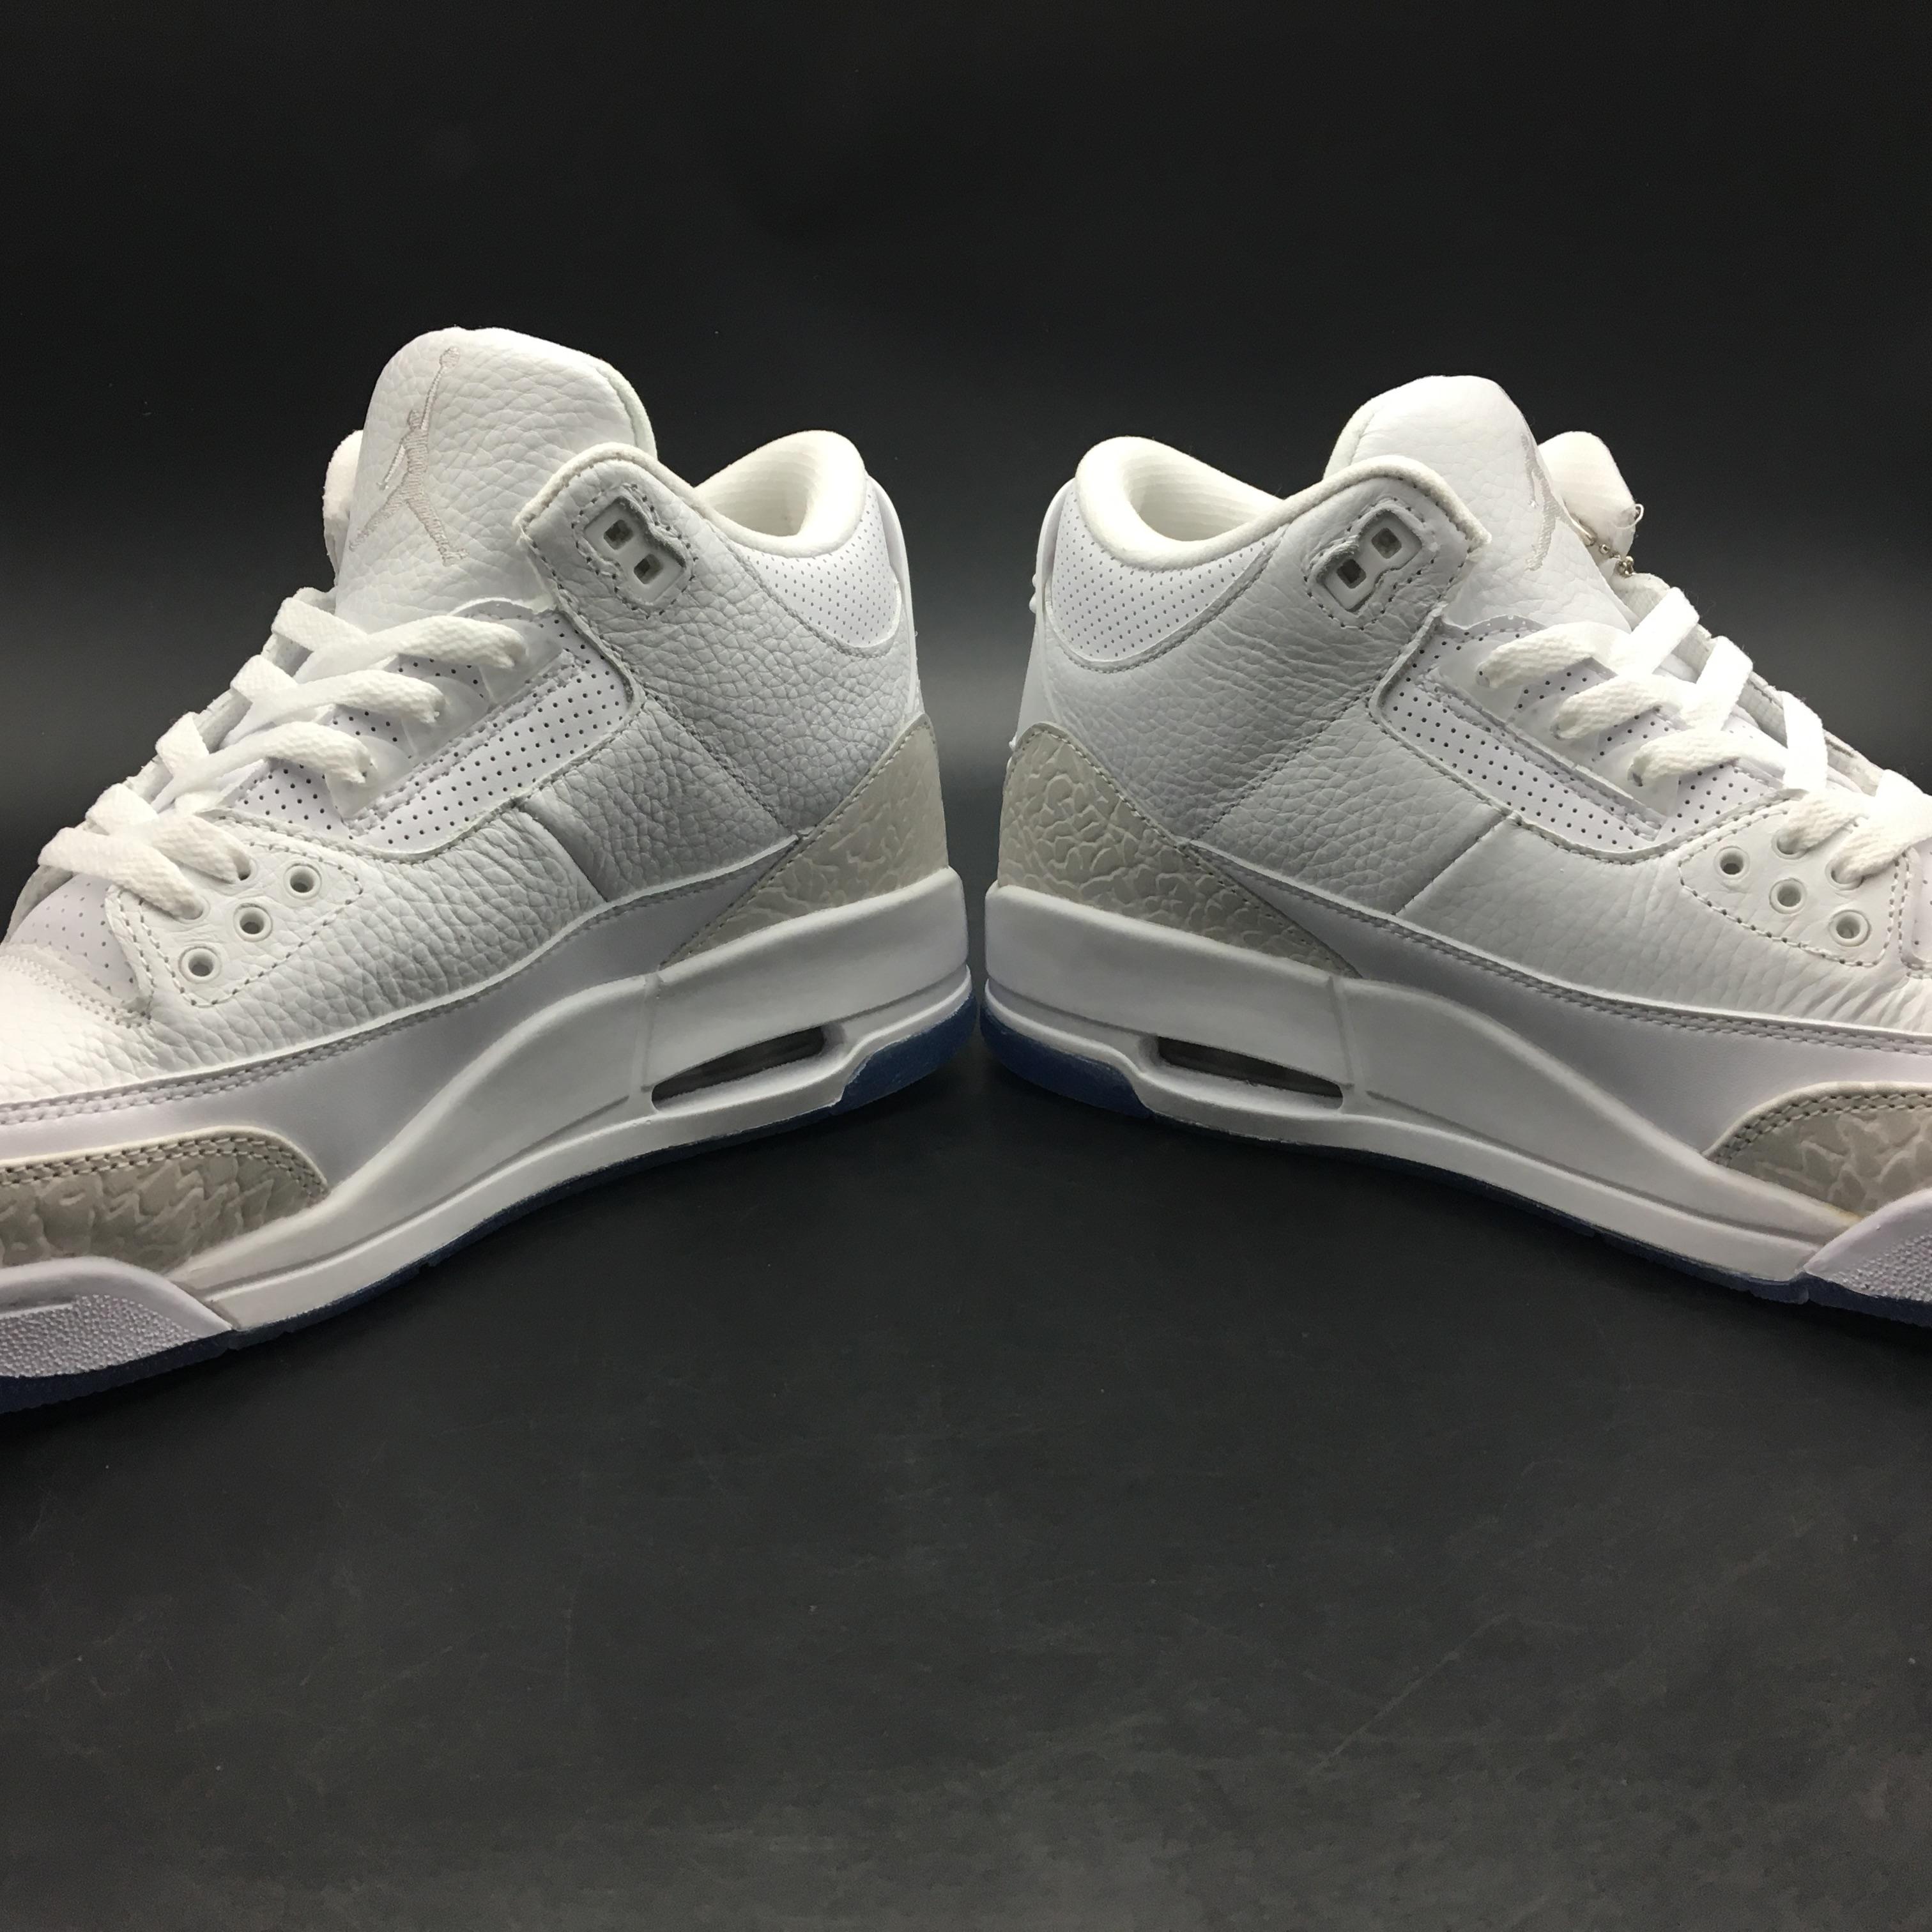 newest ca32d 80382 Men Air Jordan 3 Pure White Shoes [18women51903] - $93.00 ...